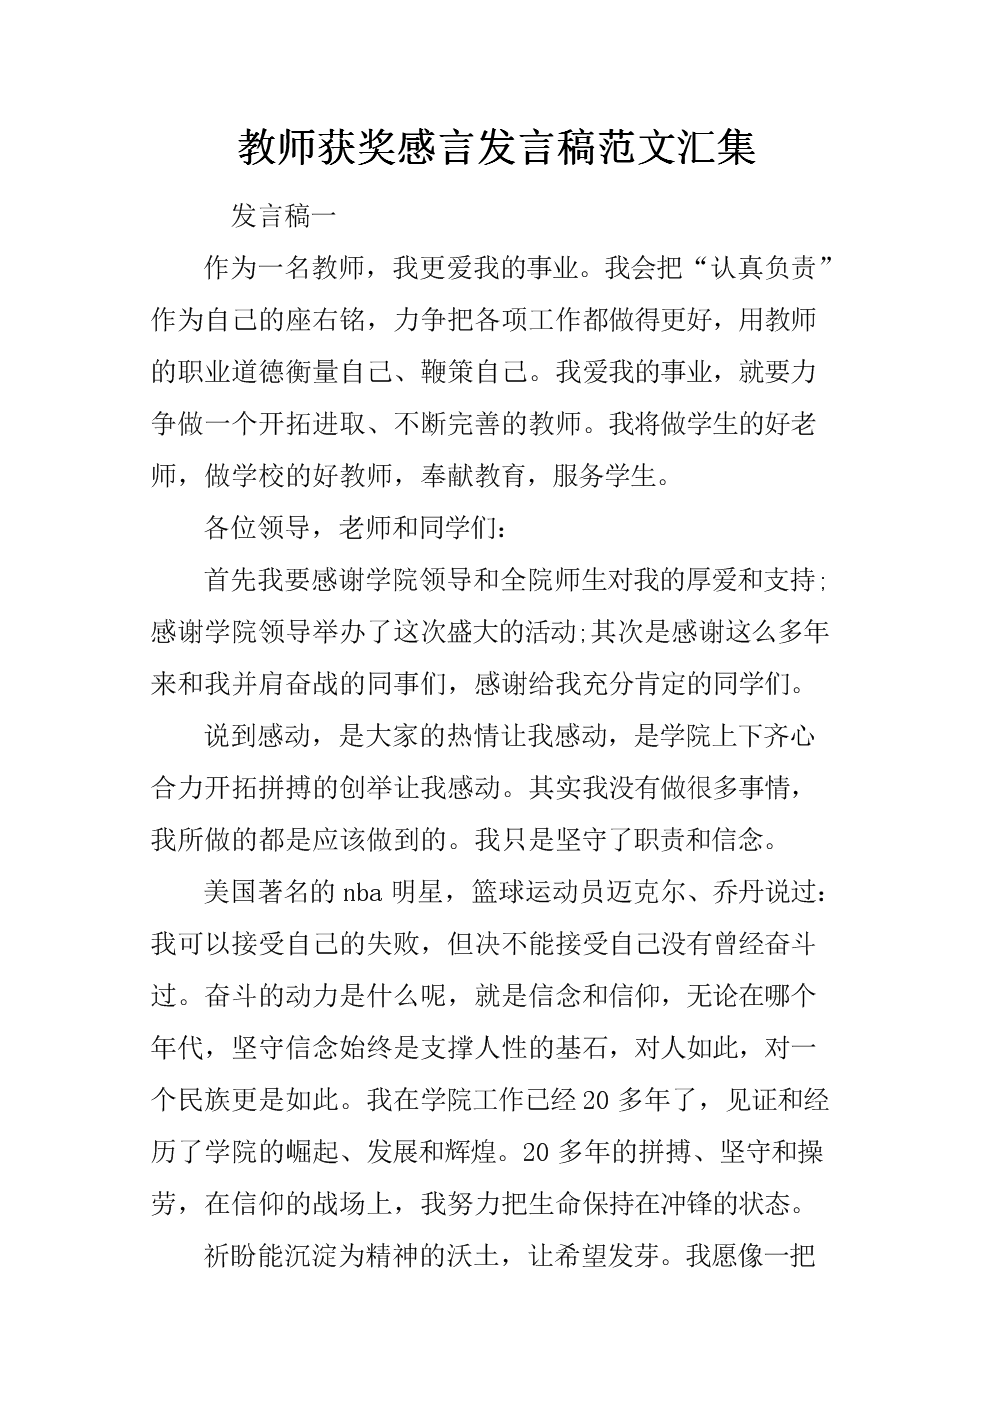 教师获奖感言发言稿范文汇集.docx